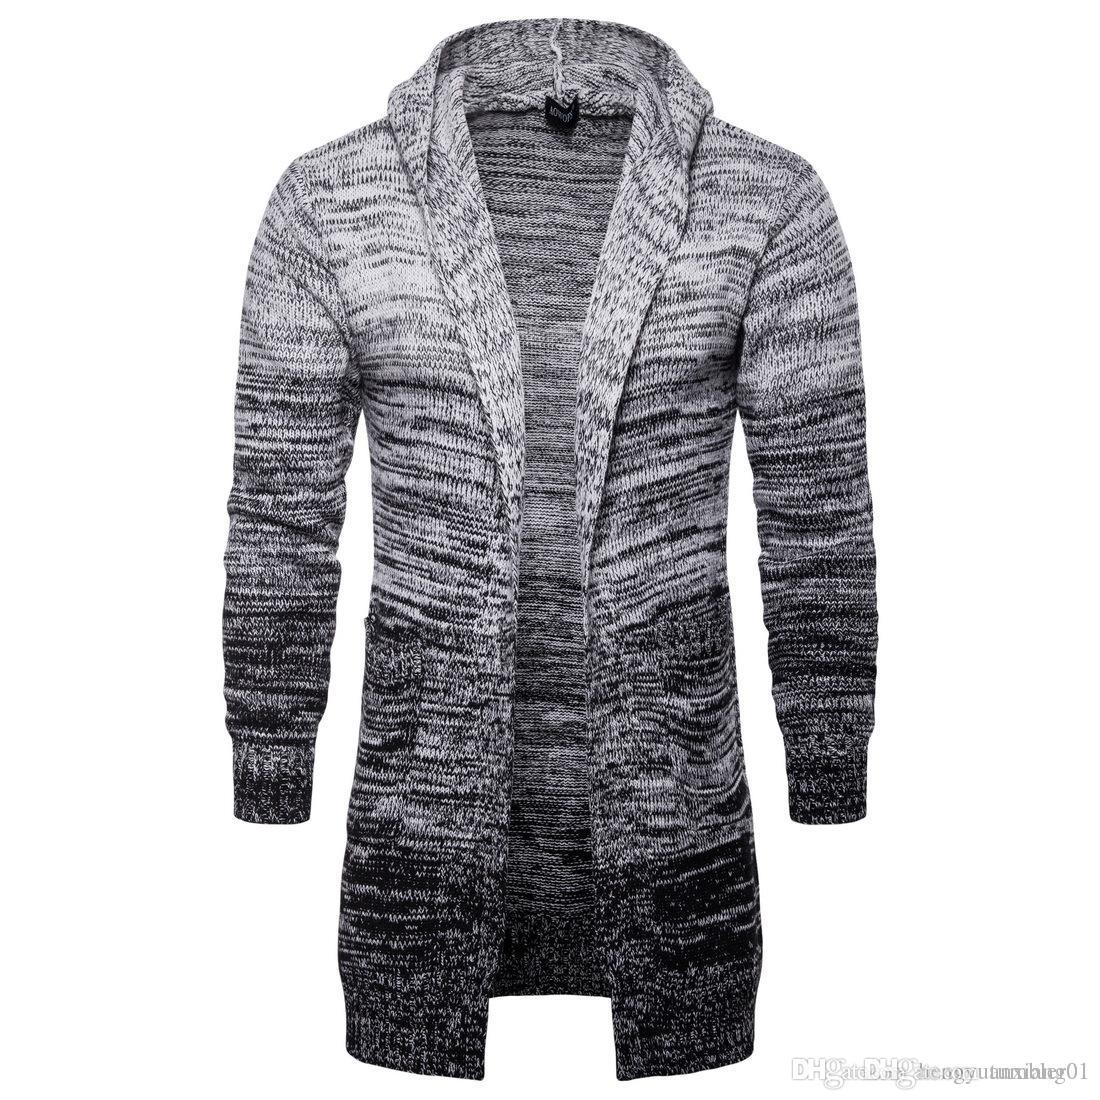 on sale 00f2e 6086d 2018 Herbst Herren Hoodie Strickjacke Jacke, Herrenbekleidung, europäischen  und amerikanischen Mid Stream langen grauen Strickpullover.